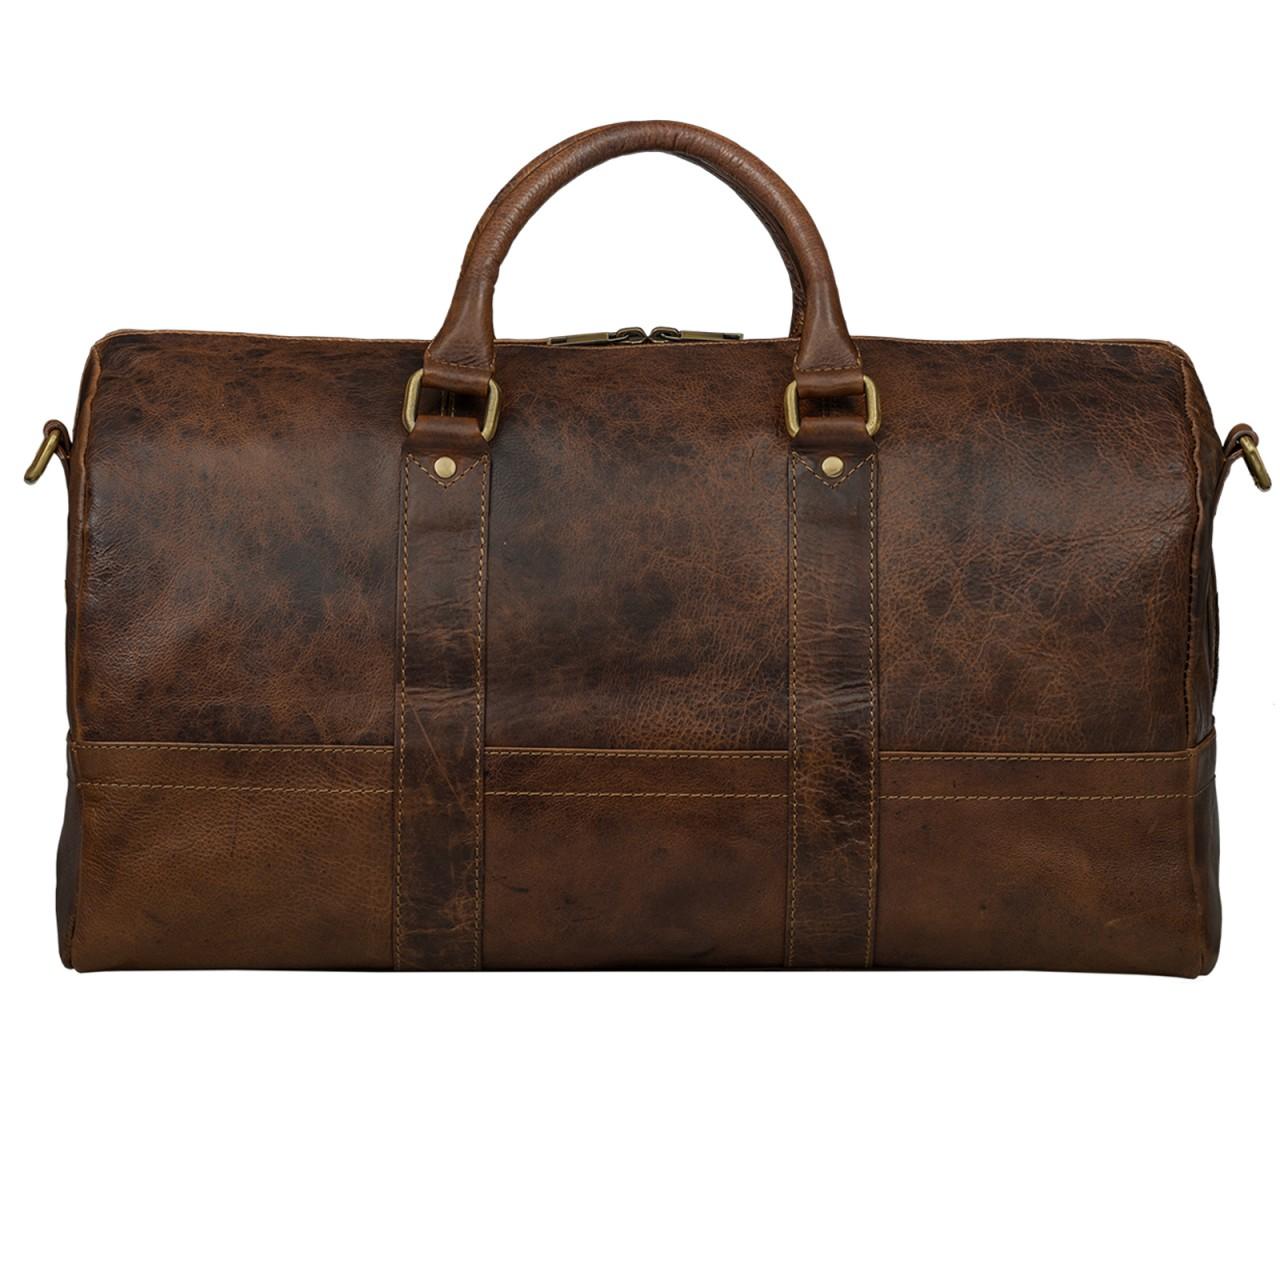 STILORD Leder Vintage Reisetasche Weekend Bag Urlaub Ledertasche Handgepäck Sporttasche Retro Weekender echtes Leder dunkelbraun - Bild 2